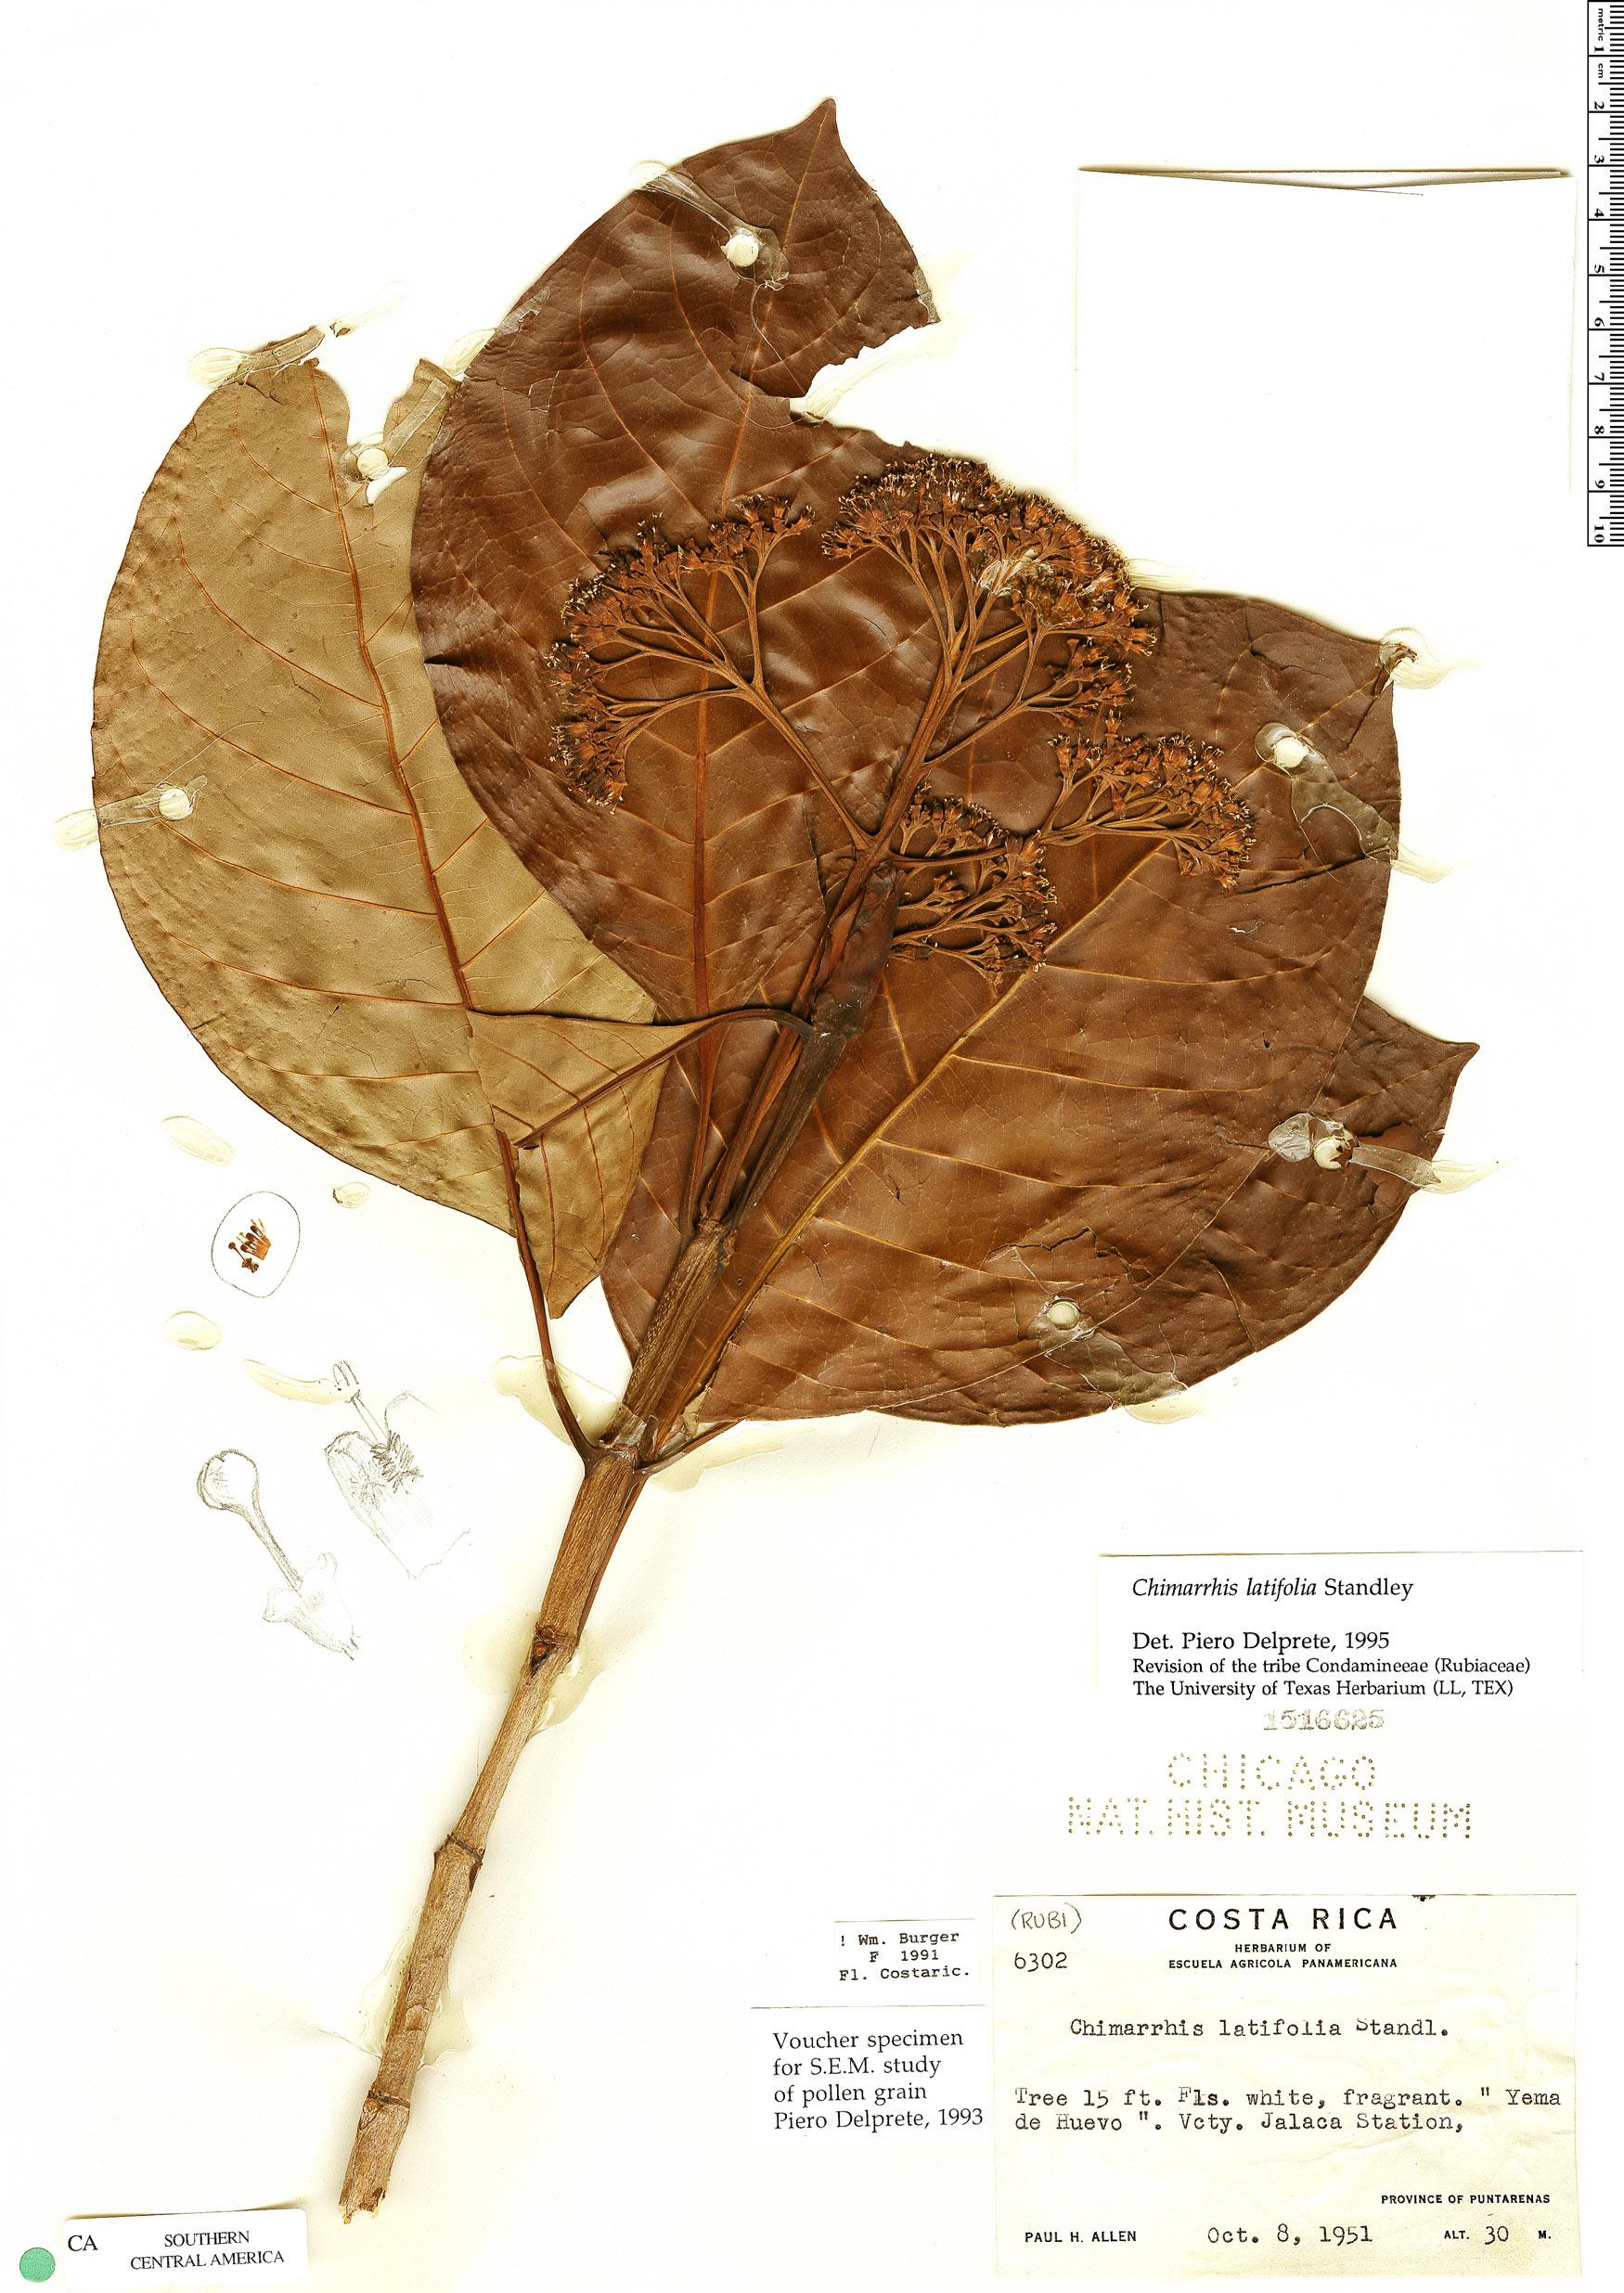 Specimen: Chimarrhis latifolia